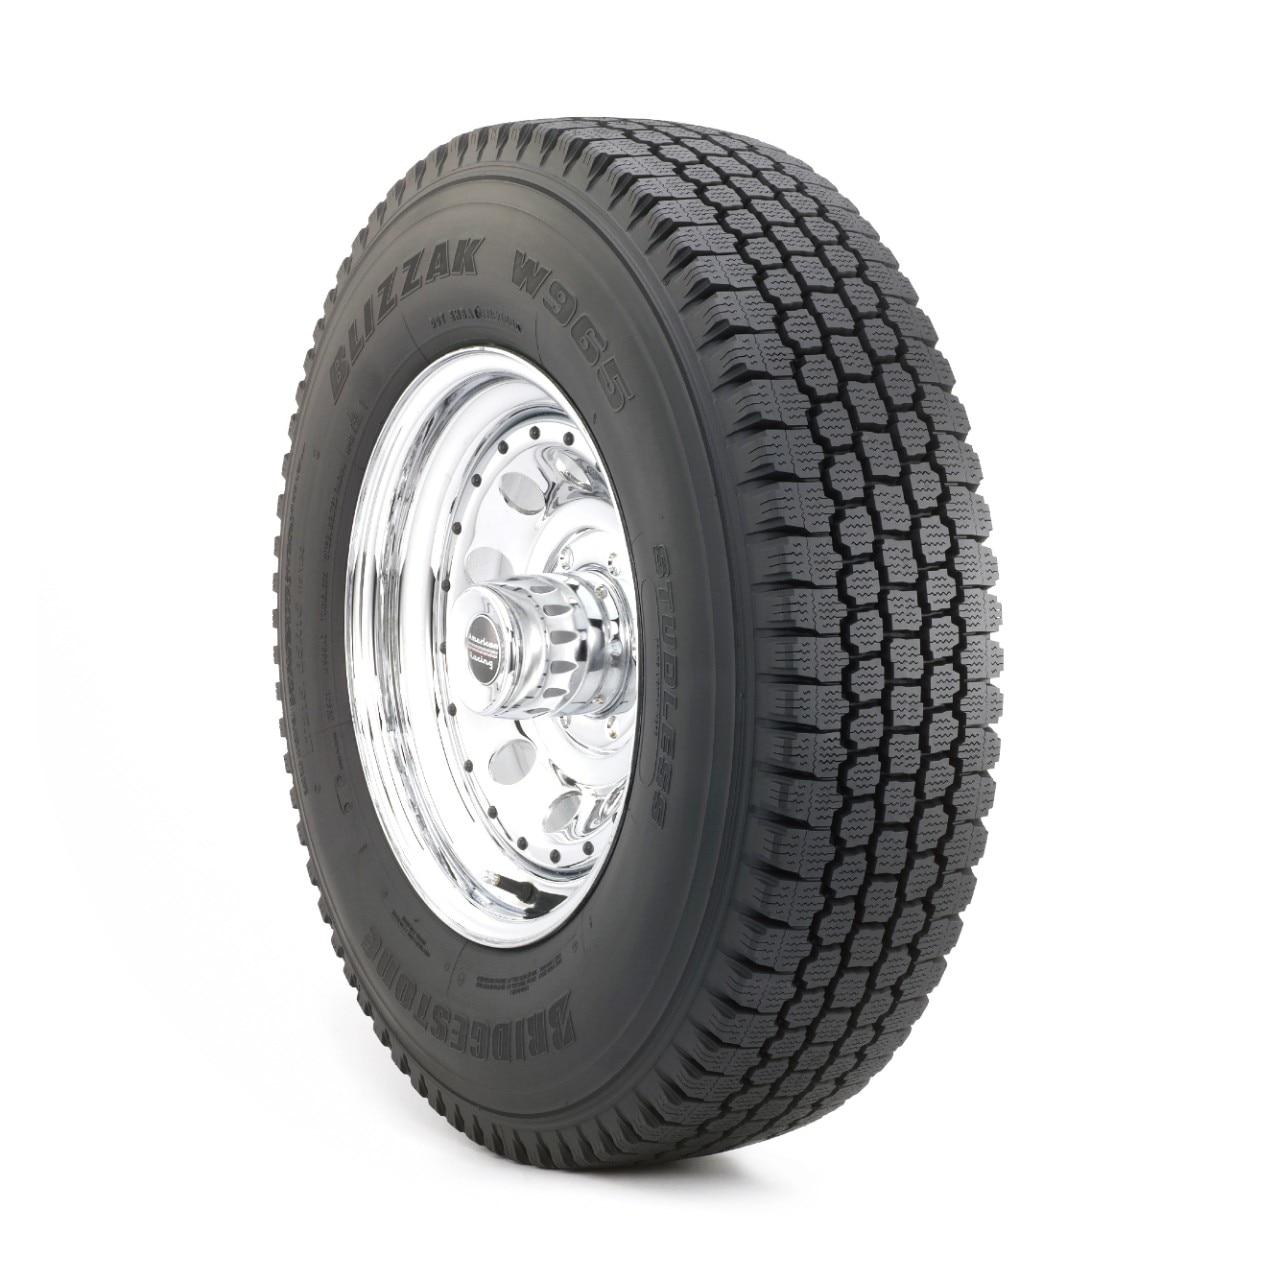 Blizzak W965 Snow Tires For Light Trucks Amp Vans